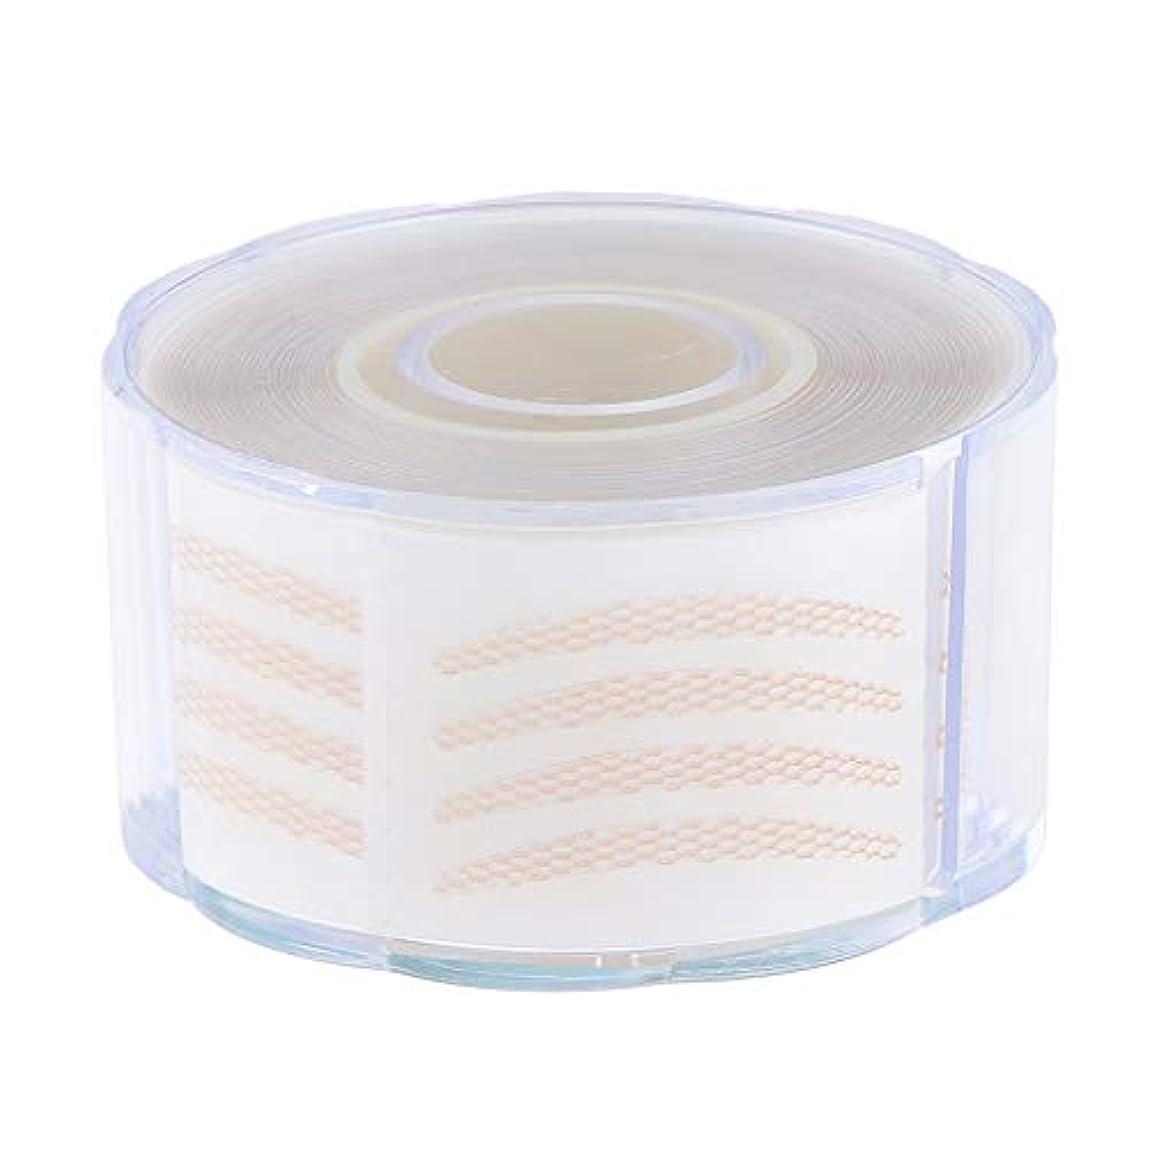 カルシウム取るに足らないコンテンツ二重まぶたテープ 約220ペア 見えない メイクアップ お化粧 3サイズ選べ - 2.5 x 0.2 cm